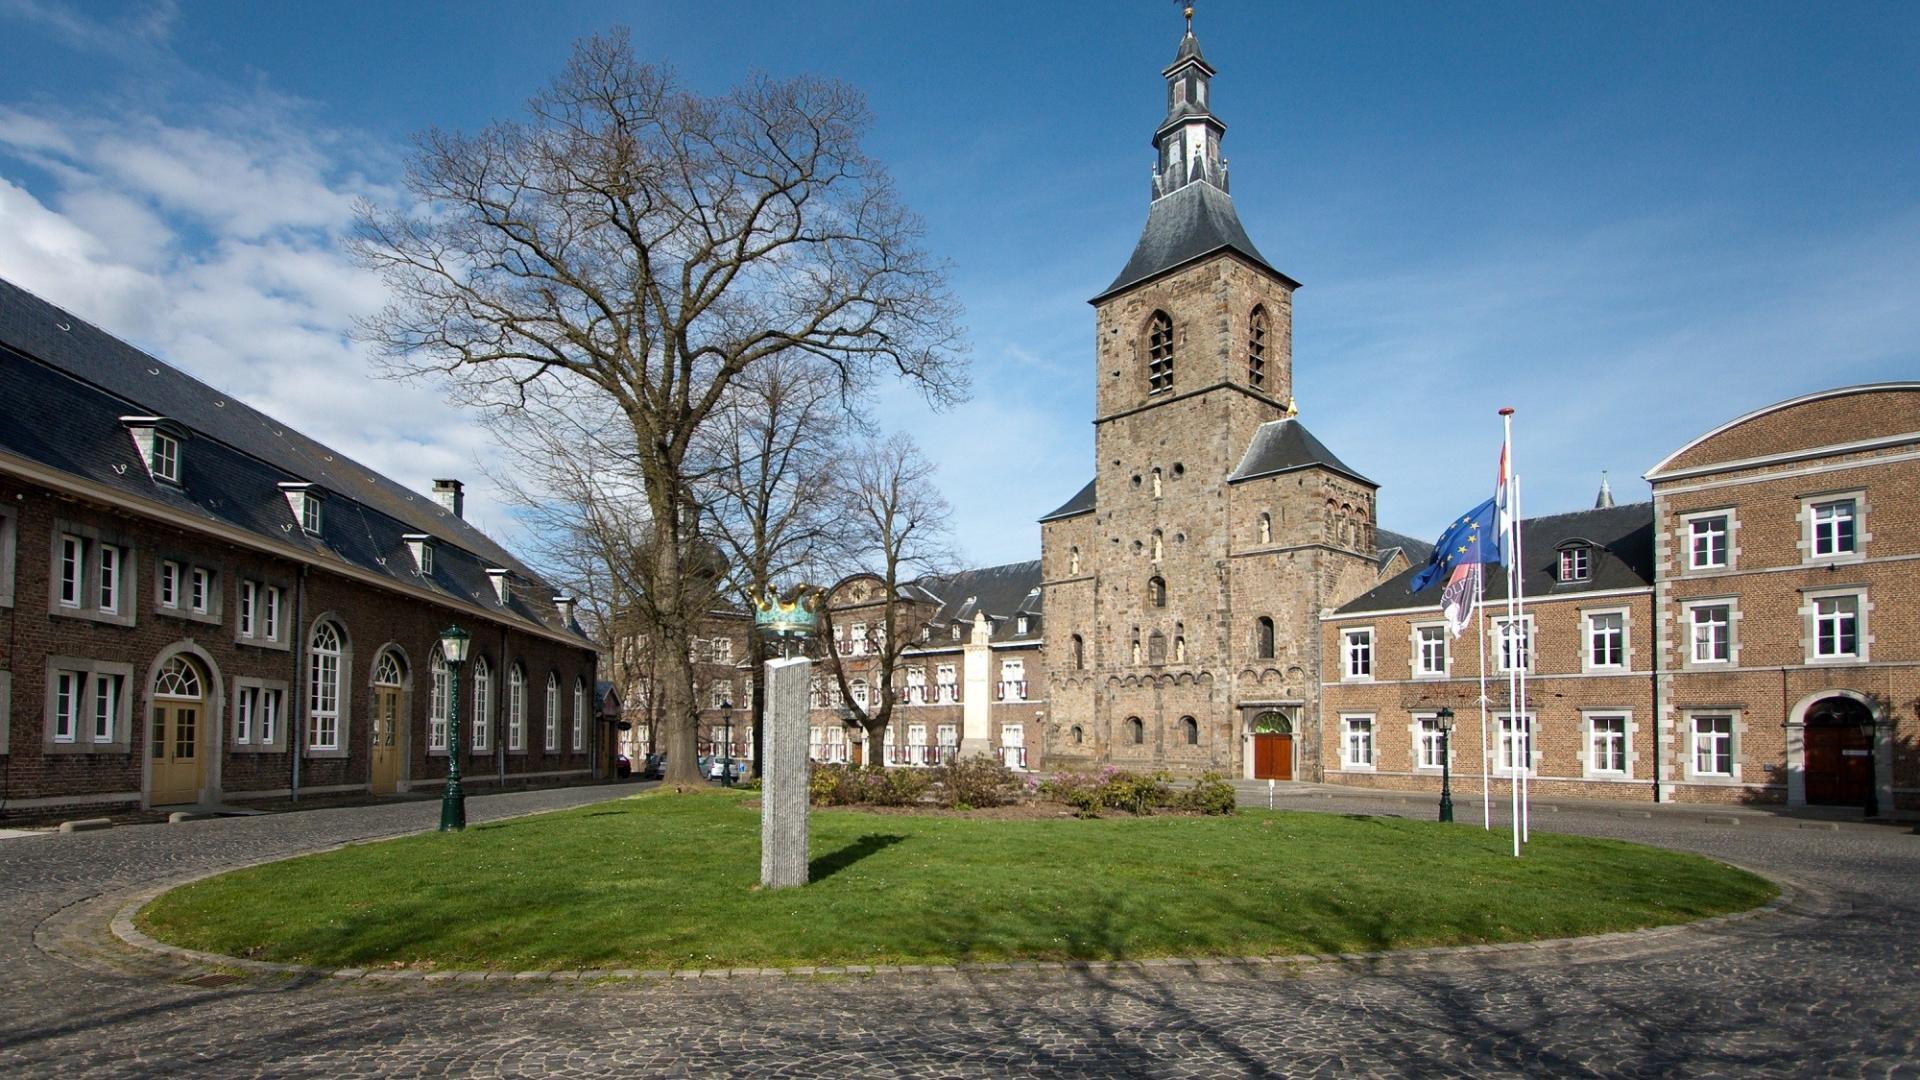 Dagaanbieding - 3 of 4 dagen in een prachtig abdijhotel in Zuid-Limburg incl. 3-gangendiner en meer! dagelijkse koopjes